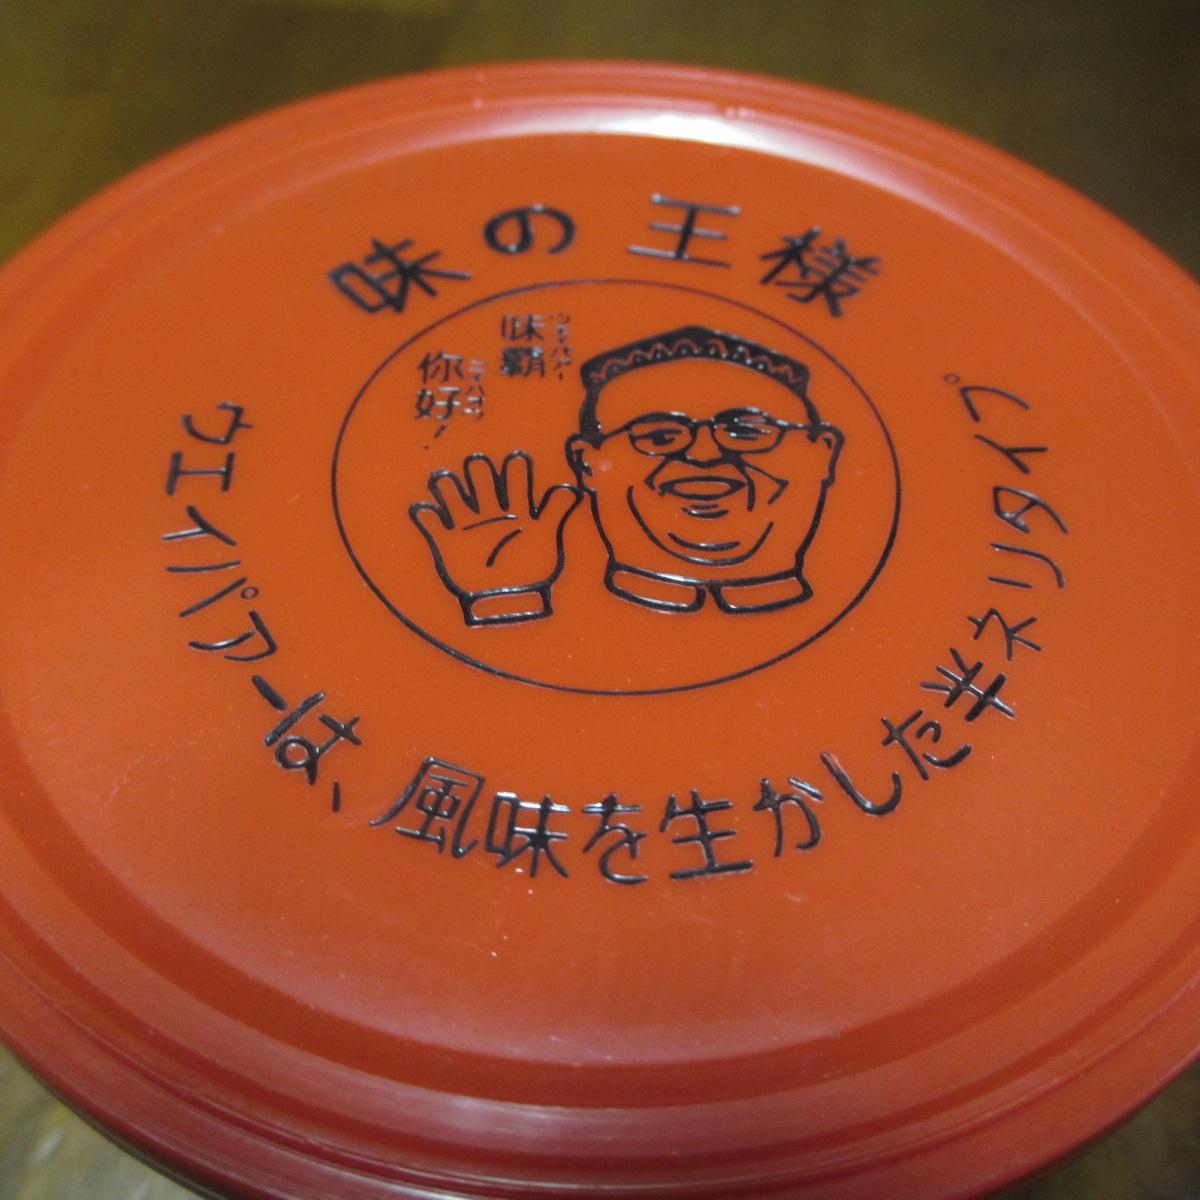 炒飯、中華スープ、八宝菜!中華の悩みから開放される調味料を買ってみた。